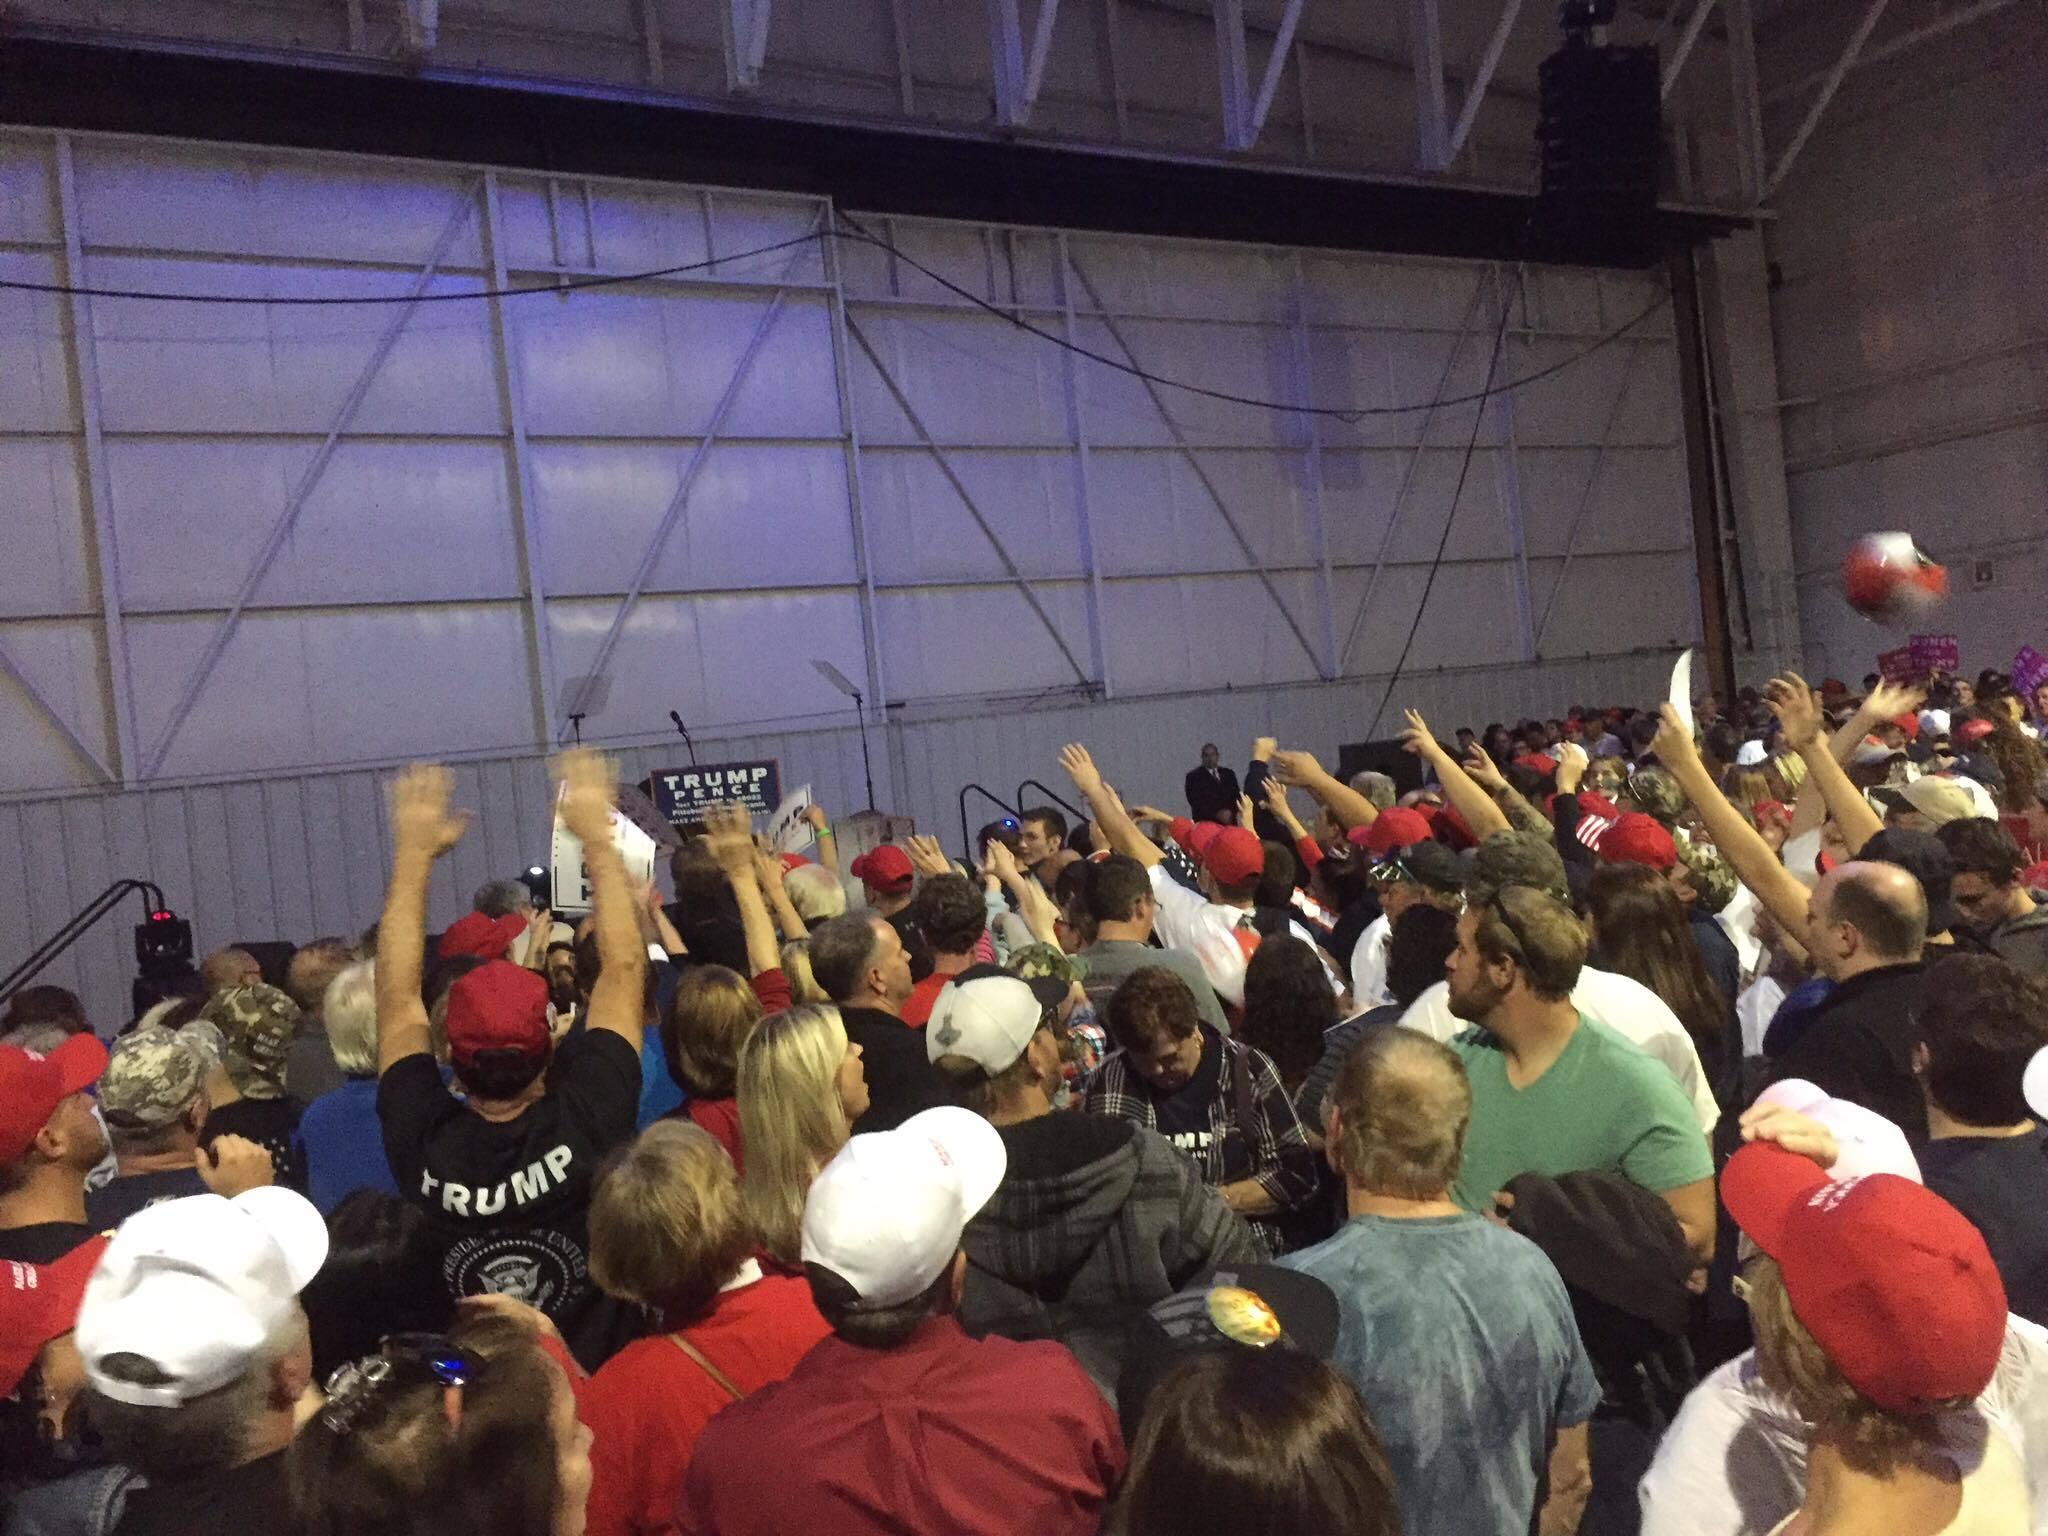 トランプ氏の集会の様子。赤い帽子をかぶっている人が多いことが分かります